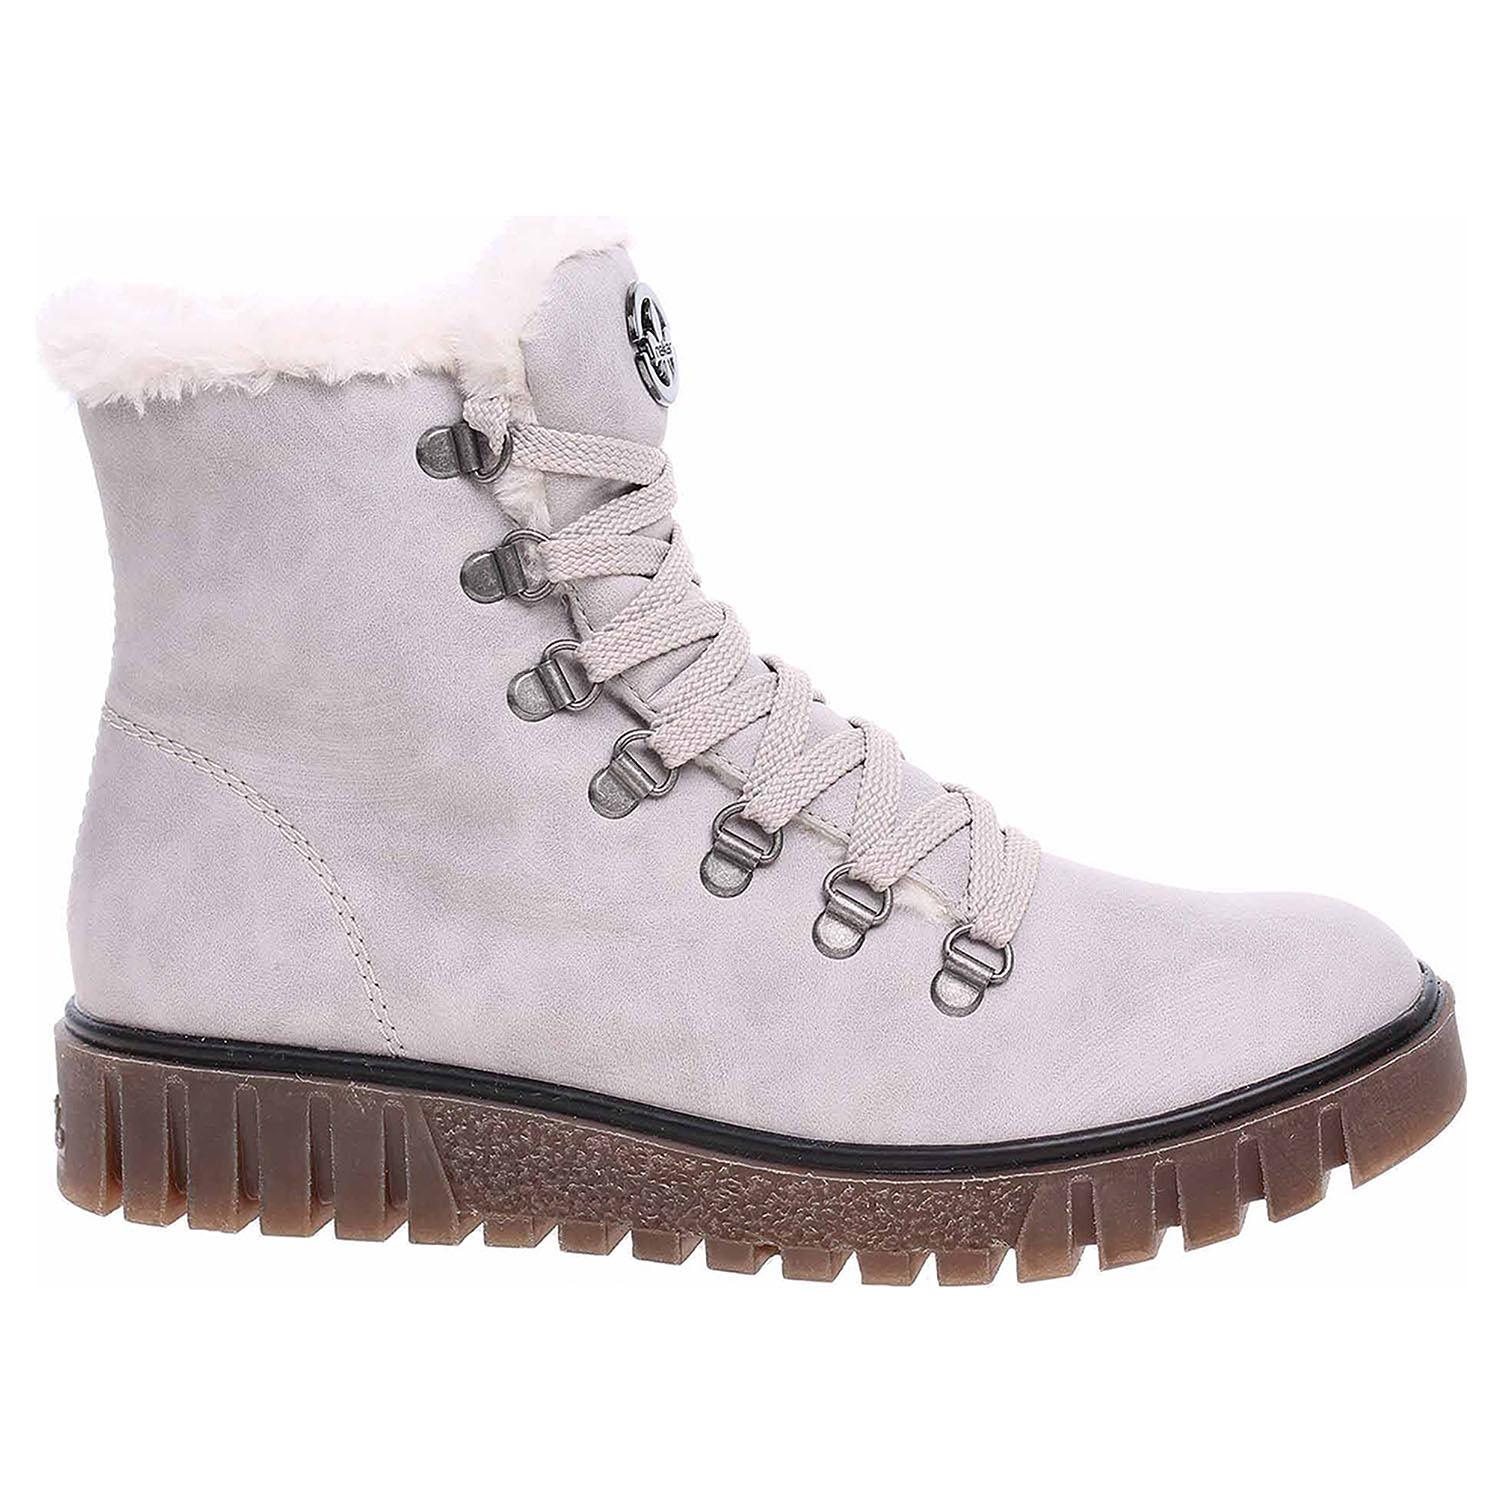 Dámská kotníková obuv Rieker Y3432-40 grau Y3432-40 39